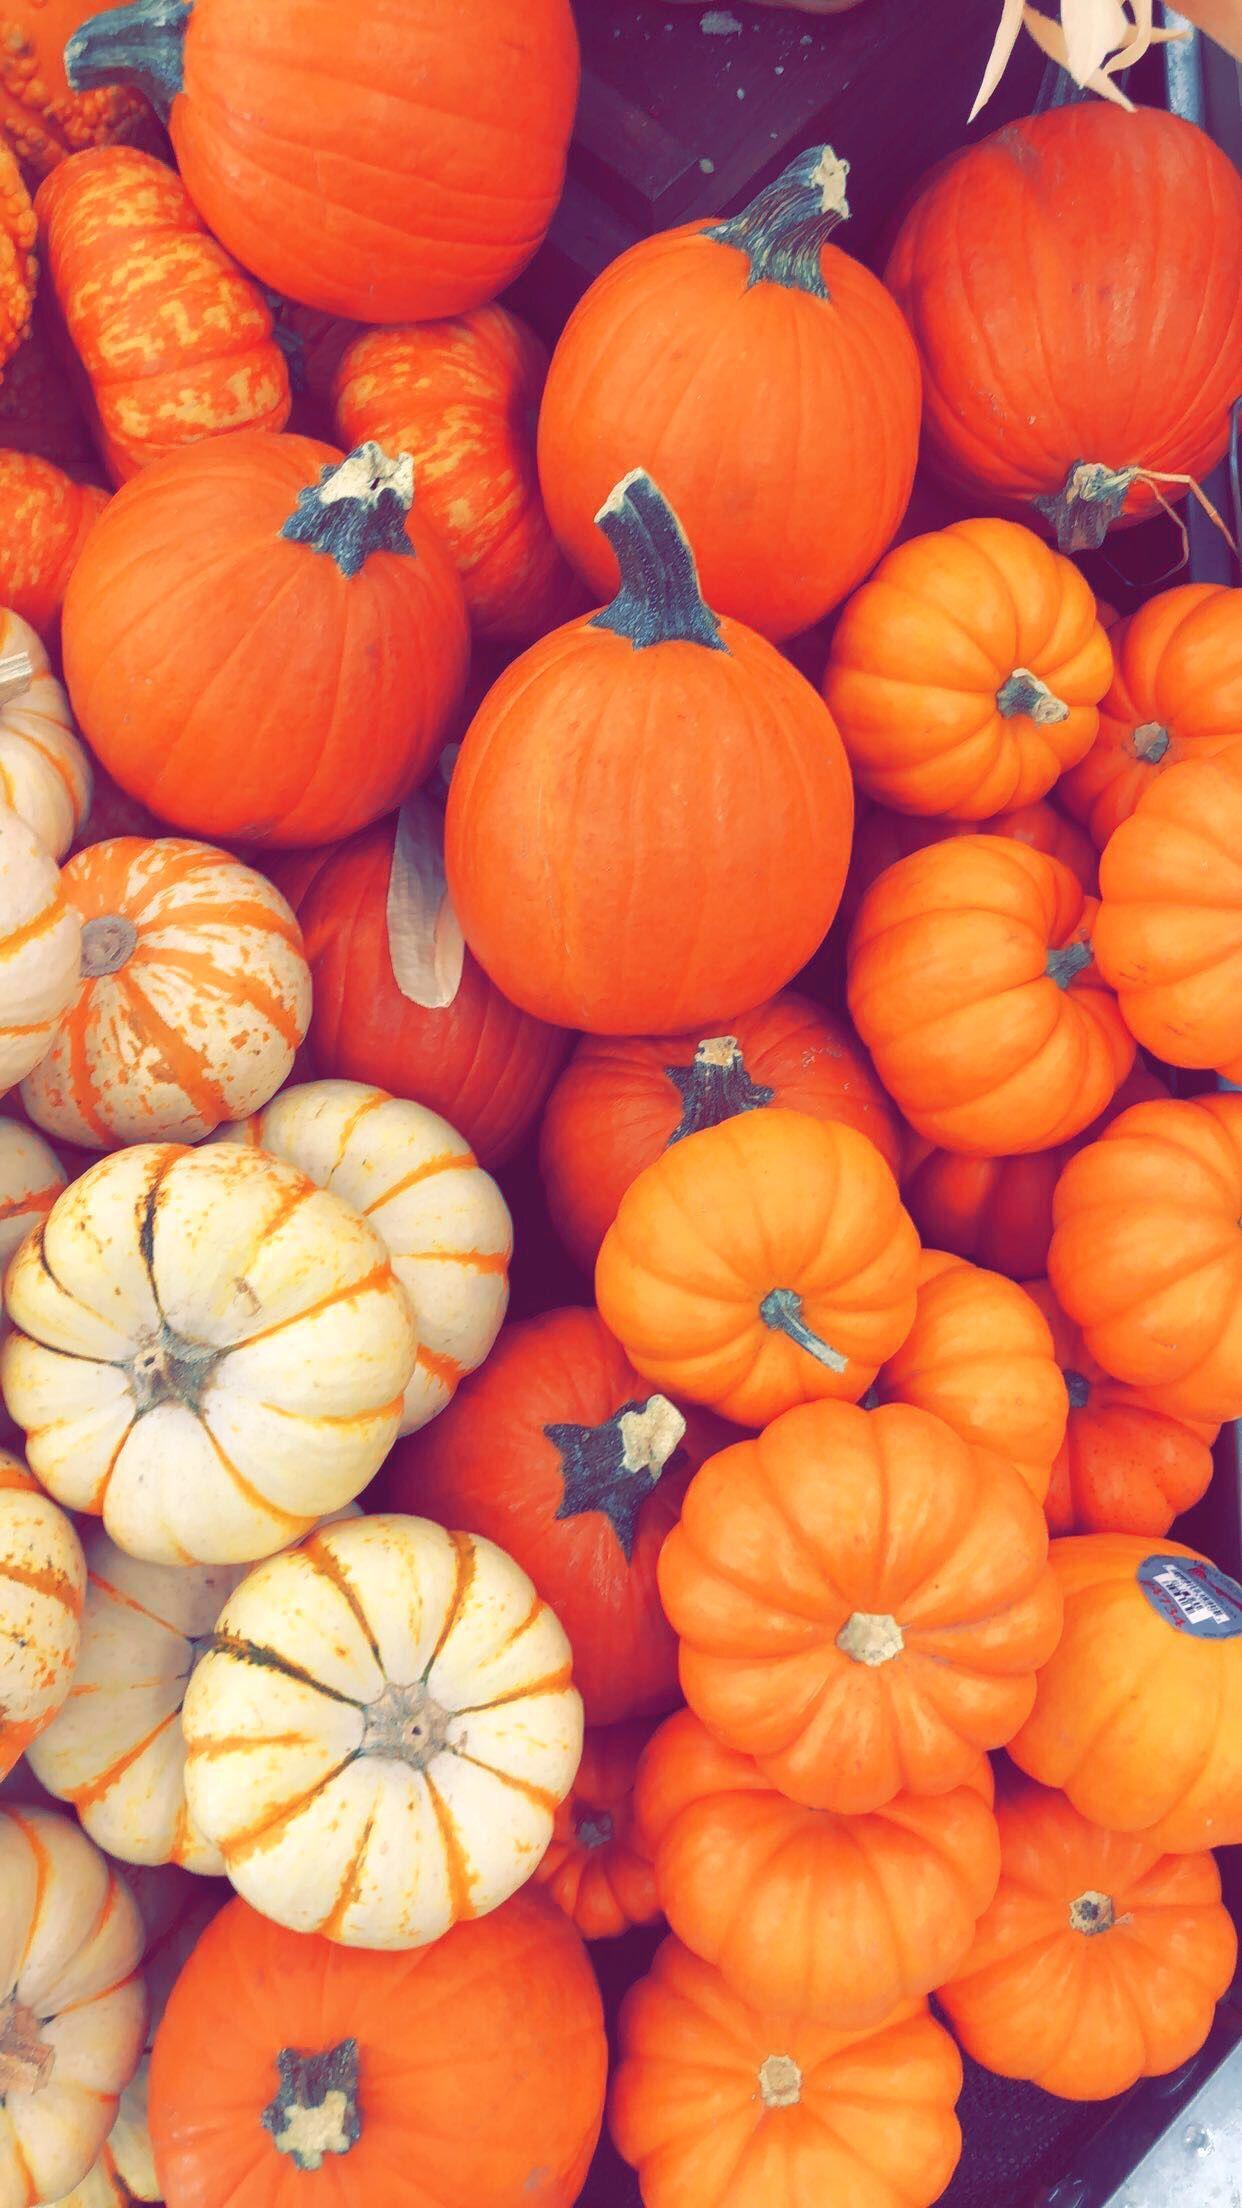 Fall Harvest Desktop Wallpaper Autumn Pumpkin Iphone Wallpapers Top Free Autumn Pumpkin